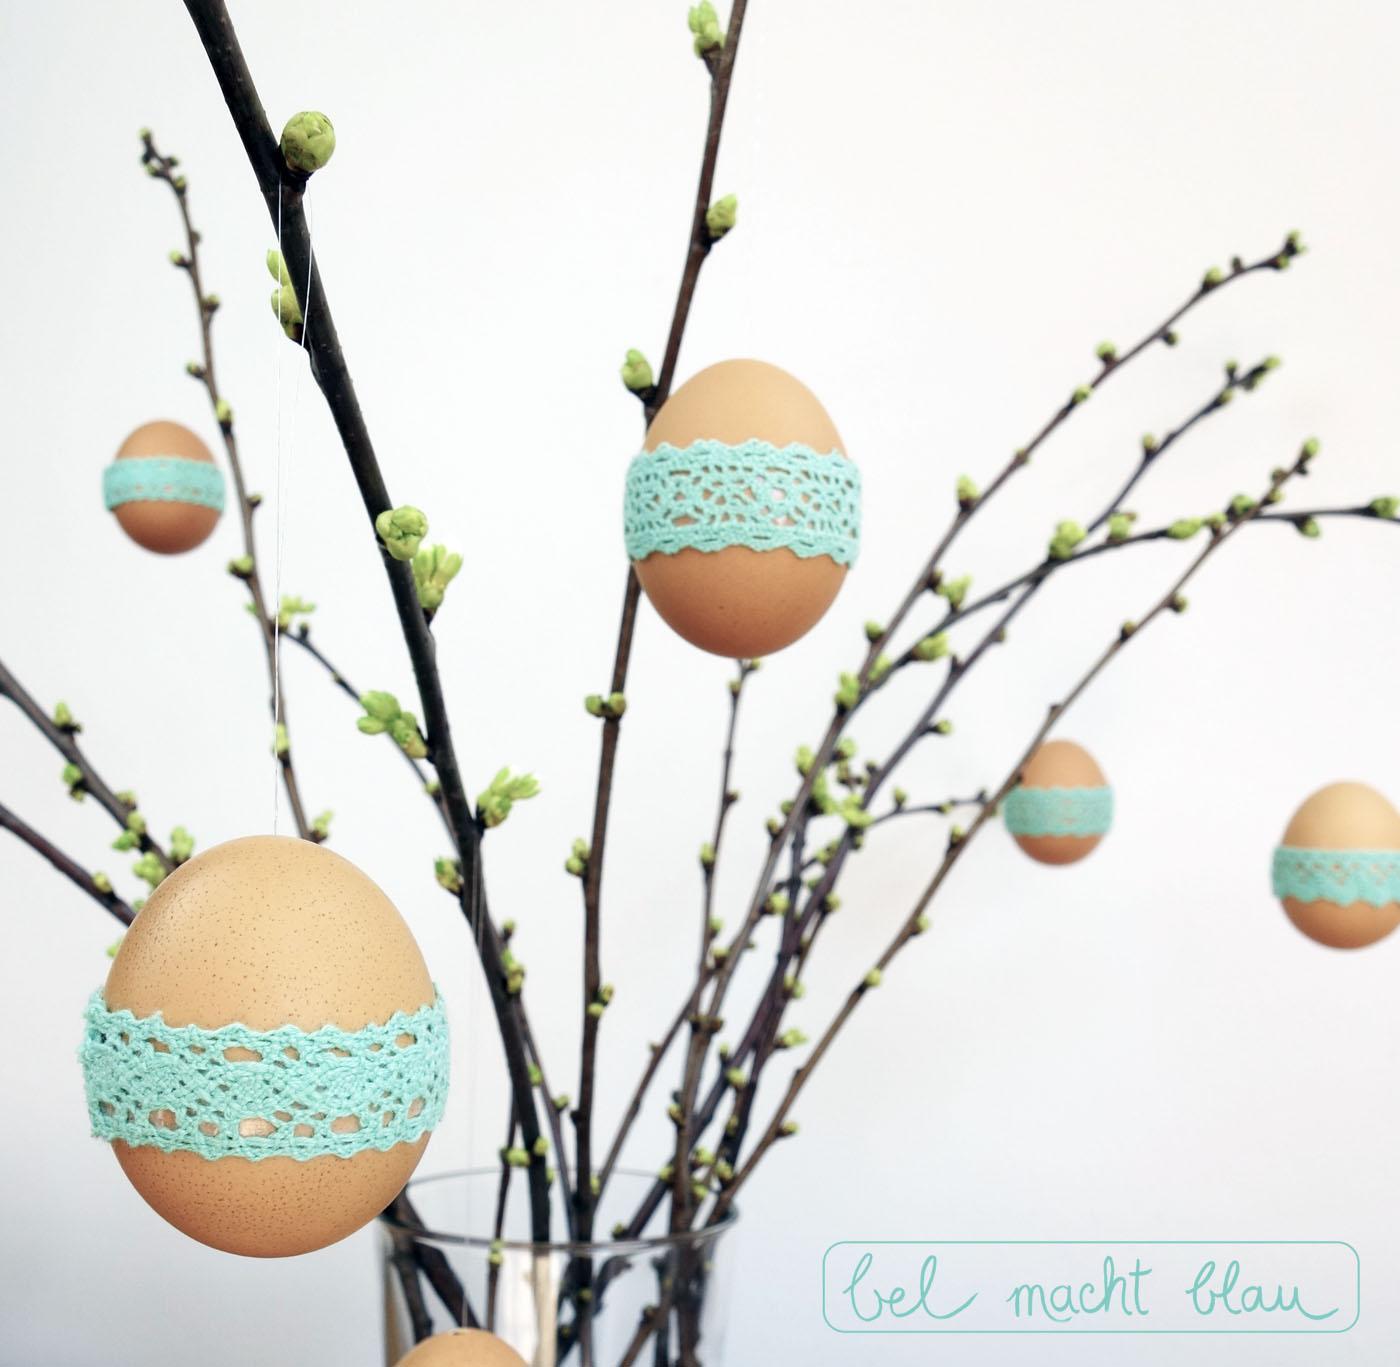 Bastelanleitung für 5-Minuten-Eier-Deko mit mintgrüner Spitze